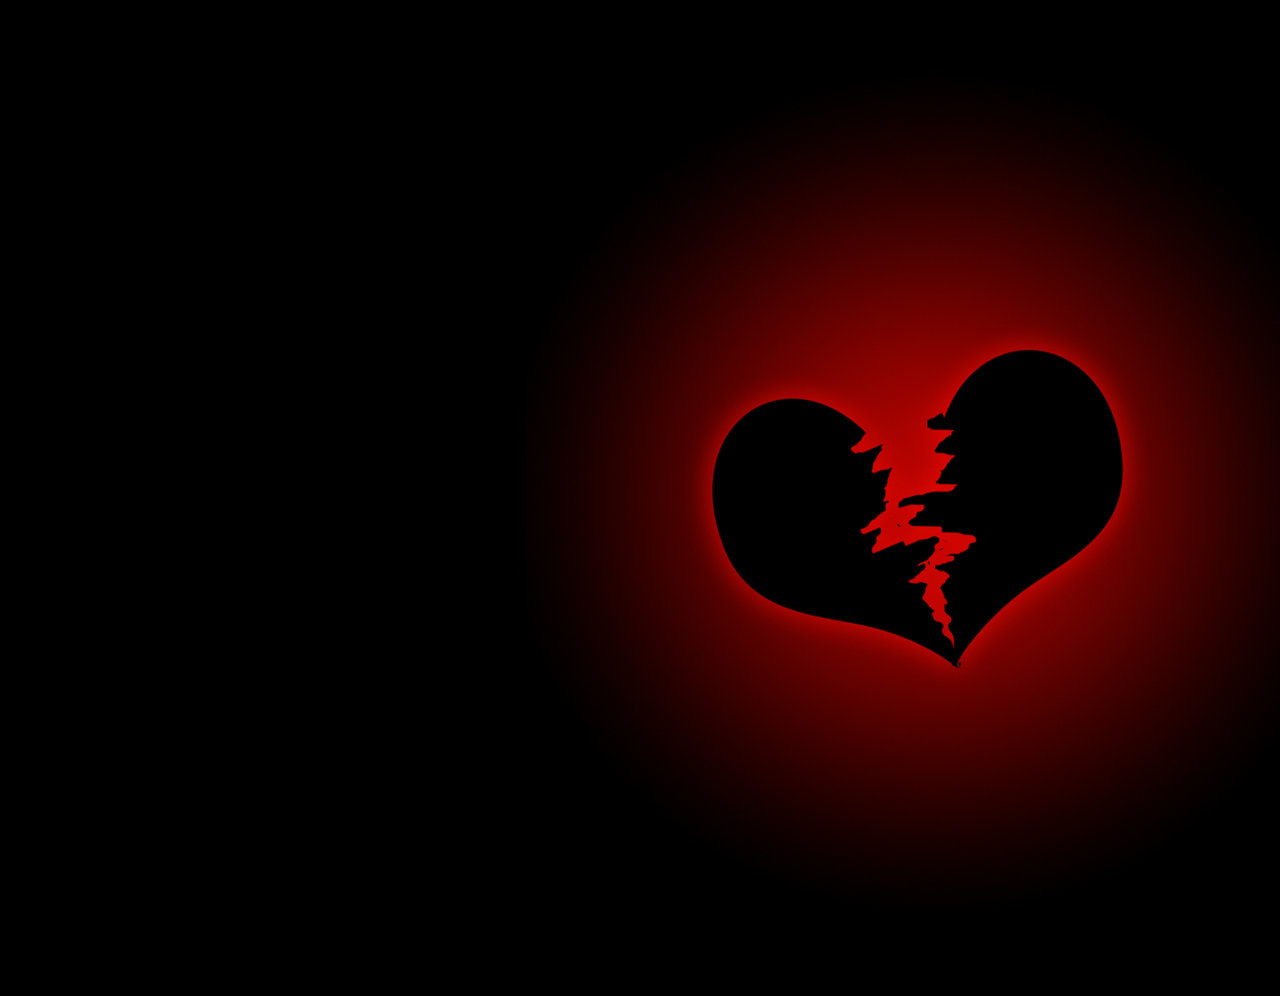 broken heart hd wallpaper,heart,black,red,love,organ